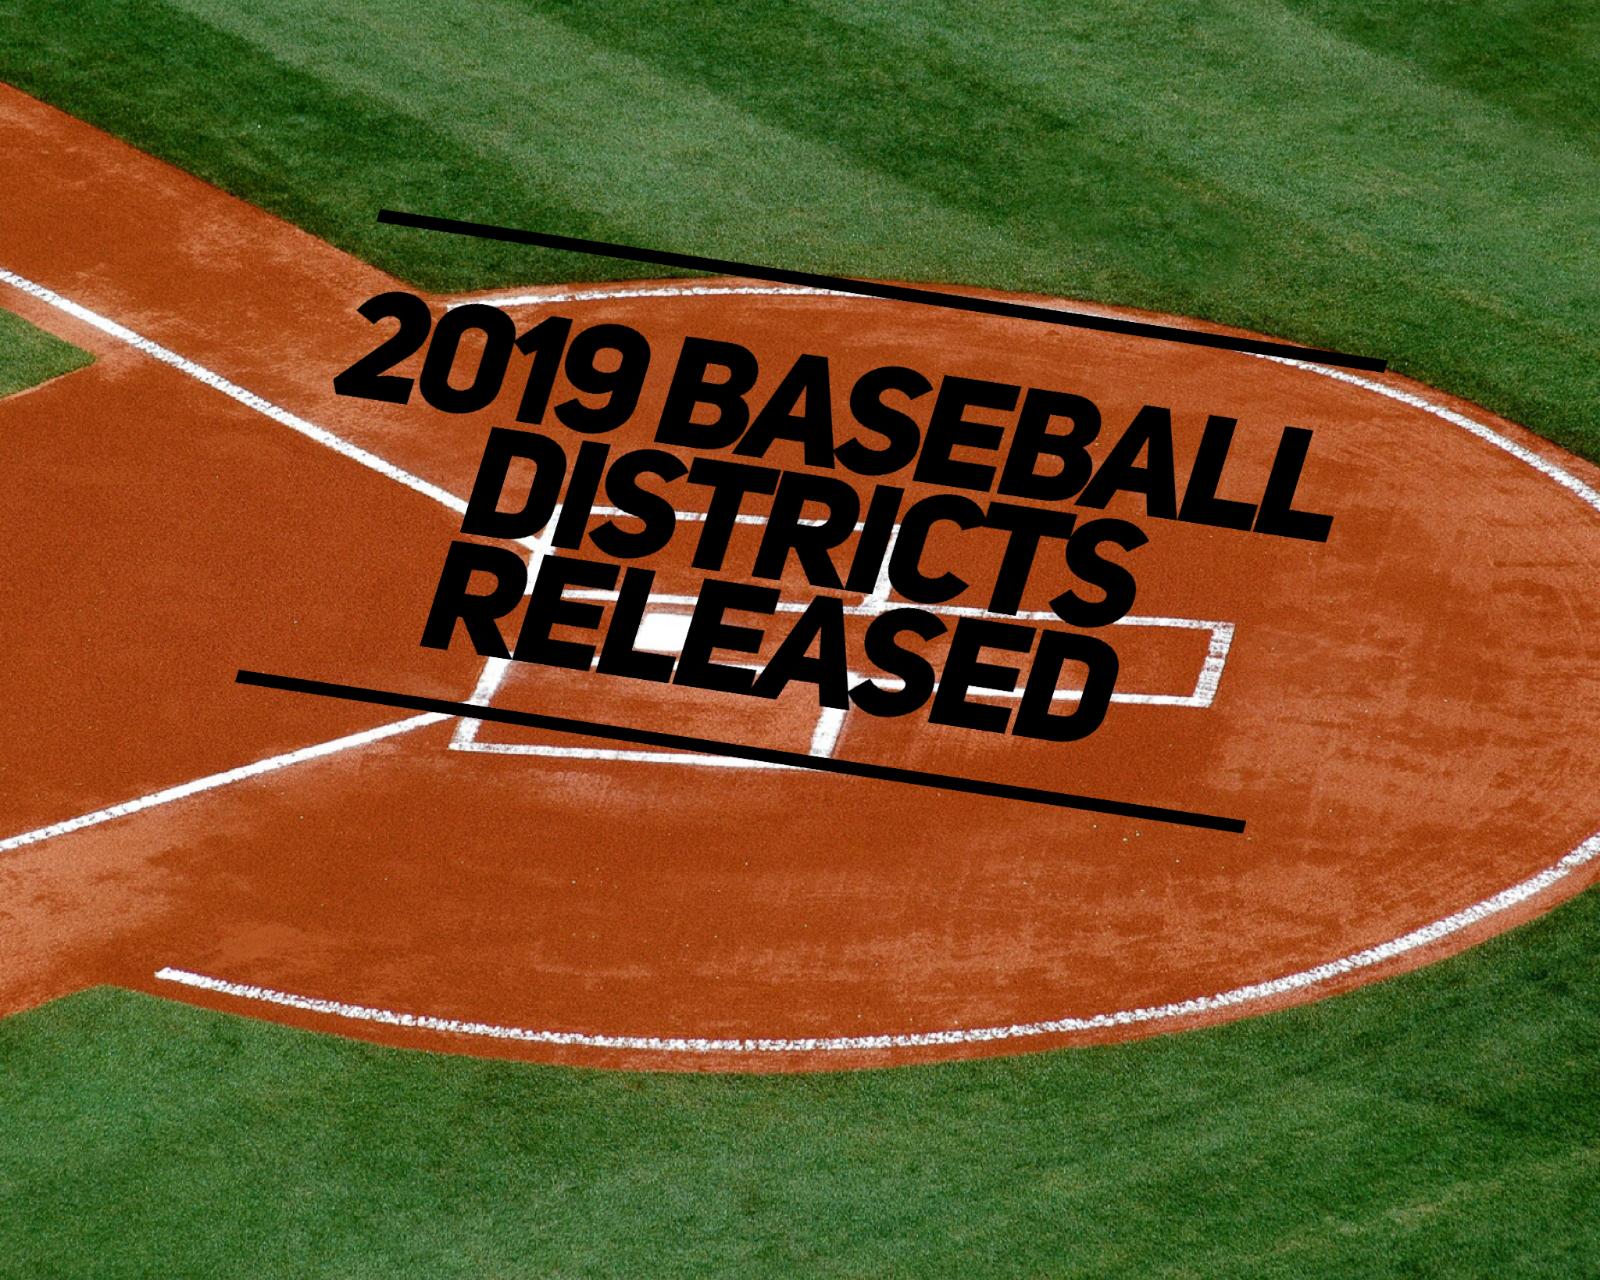 2019 Baseball Districts